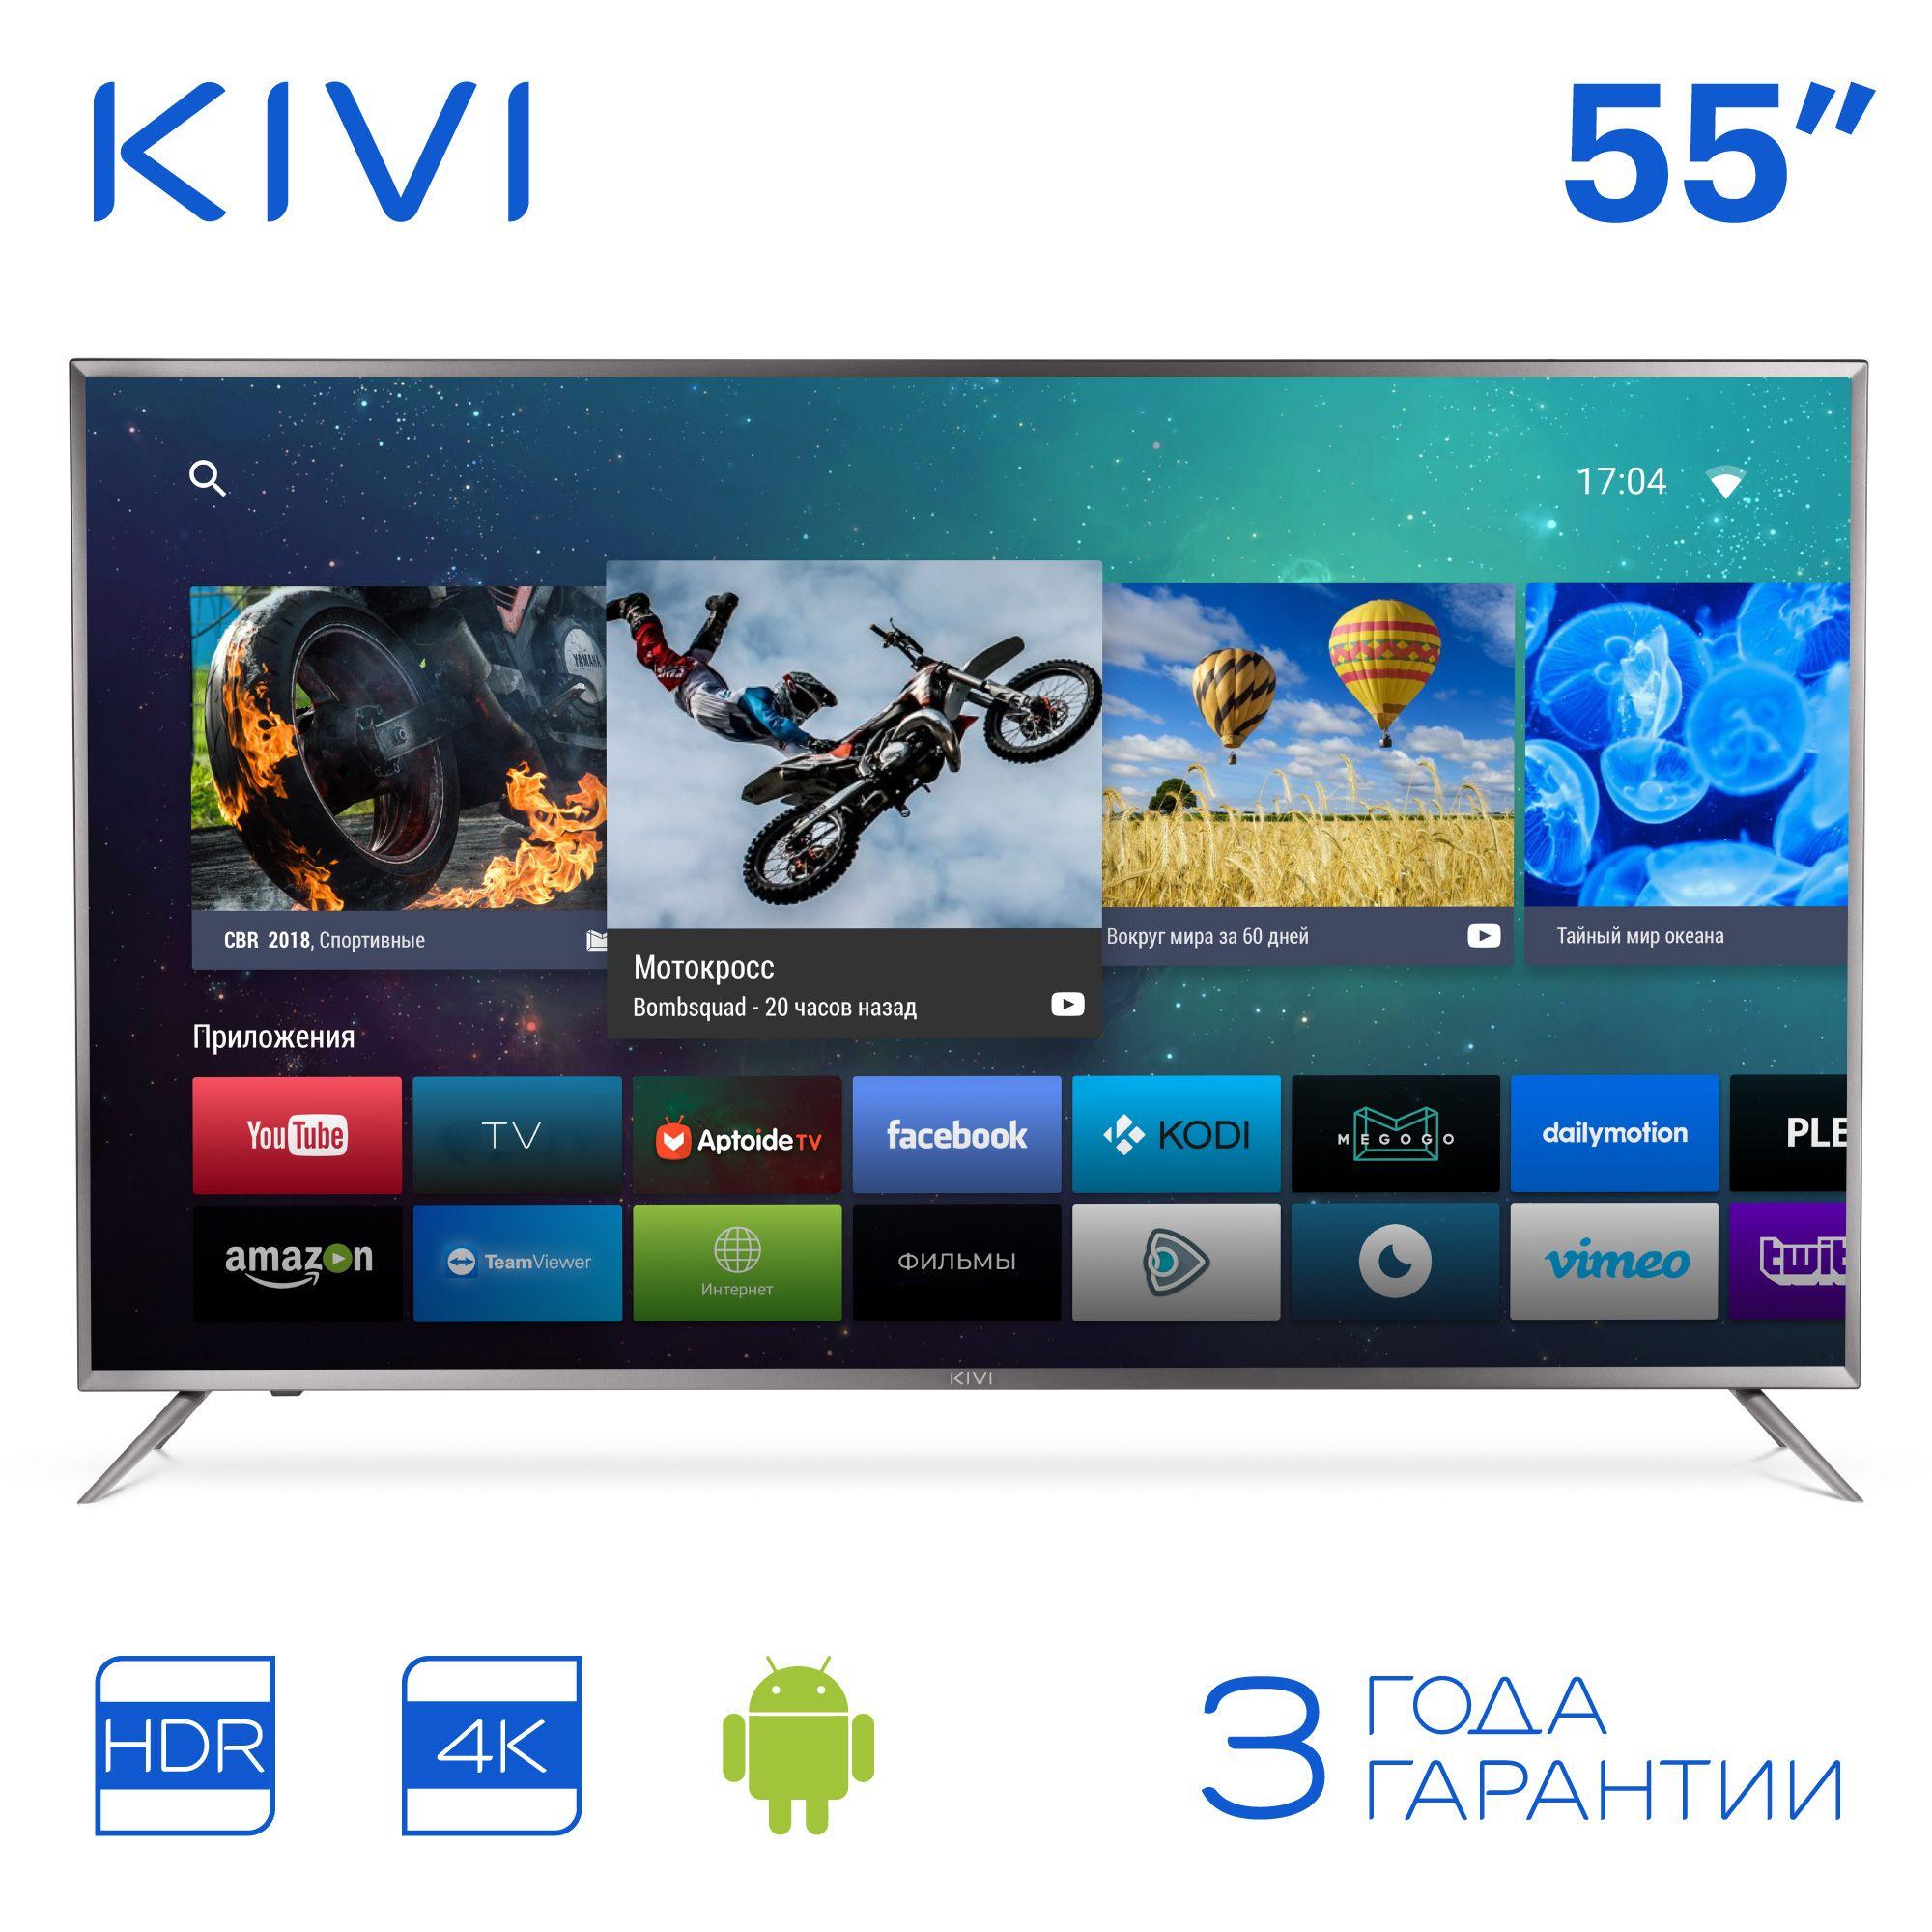 LED Fernsehen KIVI 55UR50GR UHD 4K Smart TV Android HDR 5055inchTV digitale dvb dvb-t dvb-t2